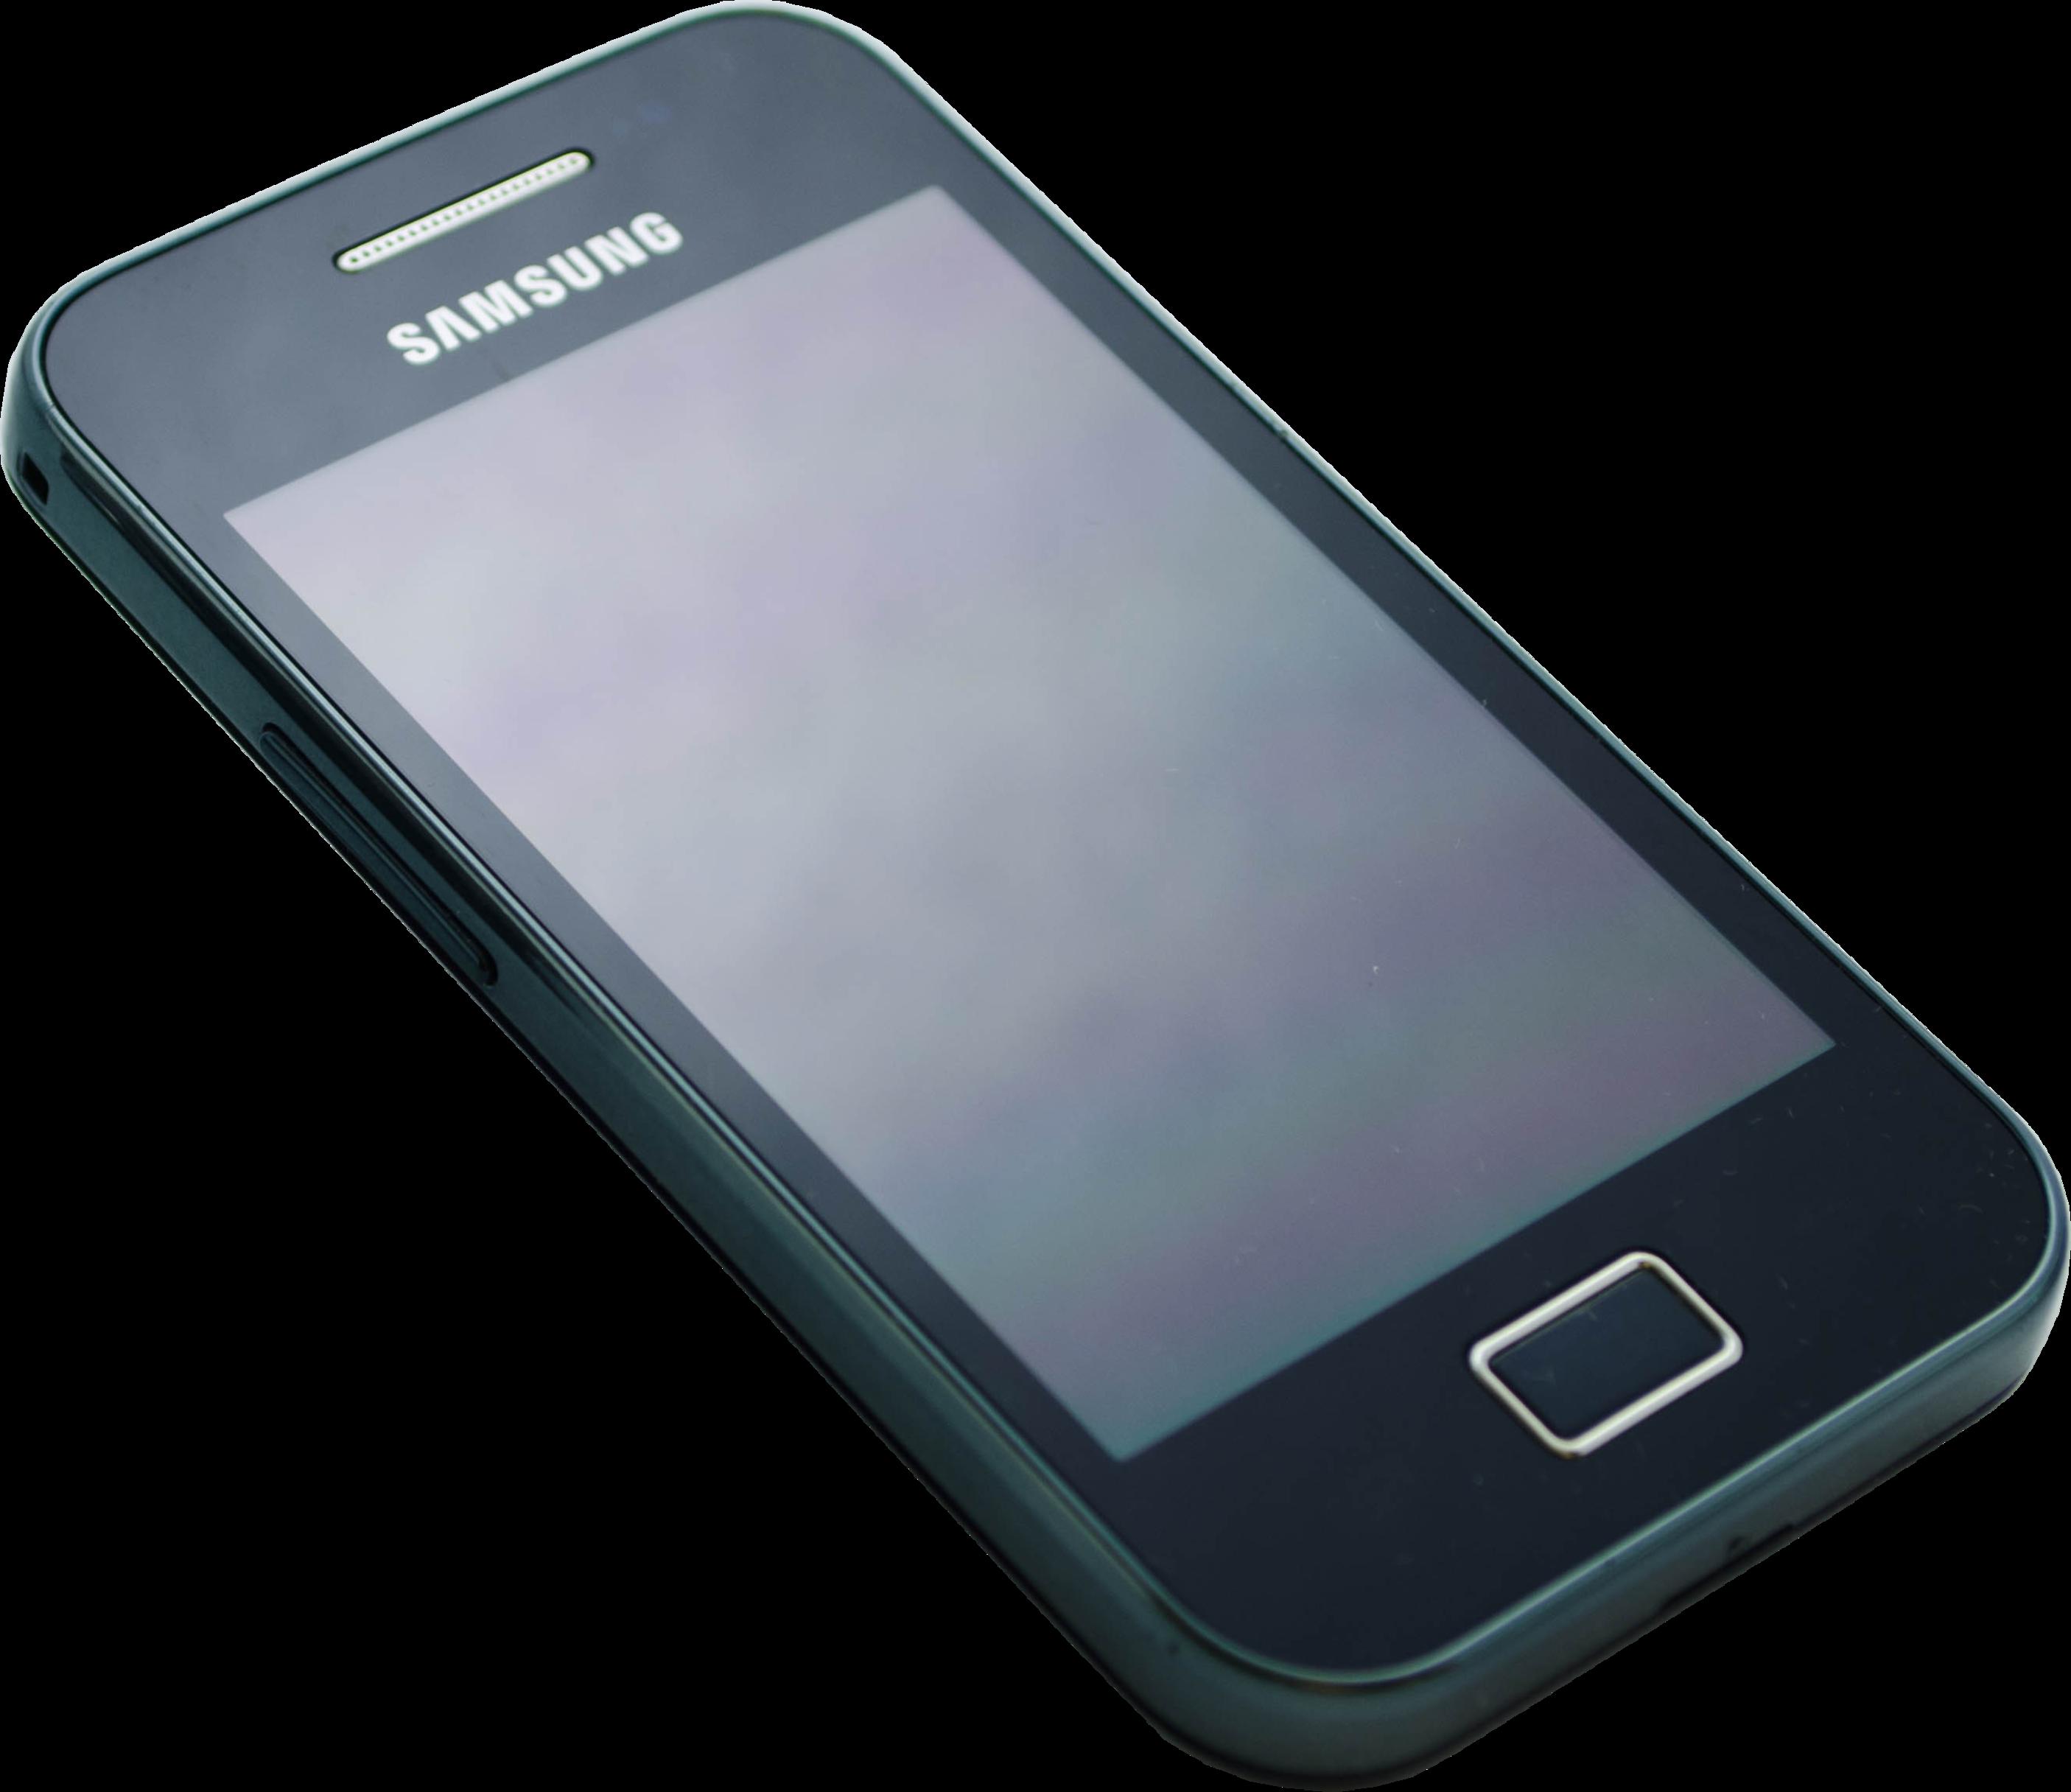 3302f8774b8 Samsung Galaxy Ace - La información completa y la venta en línea con envío  gratis. Ordene y compre ahora por el precio más bajo en la mejor tienda en  línea!